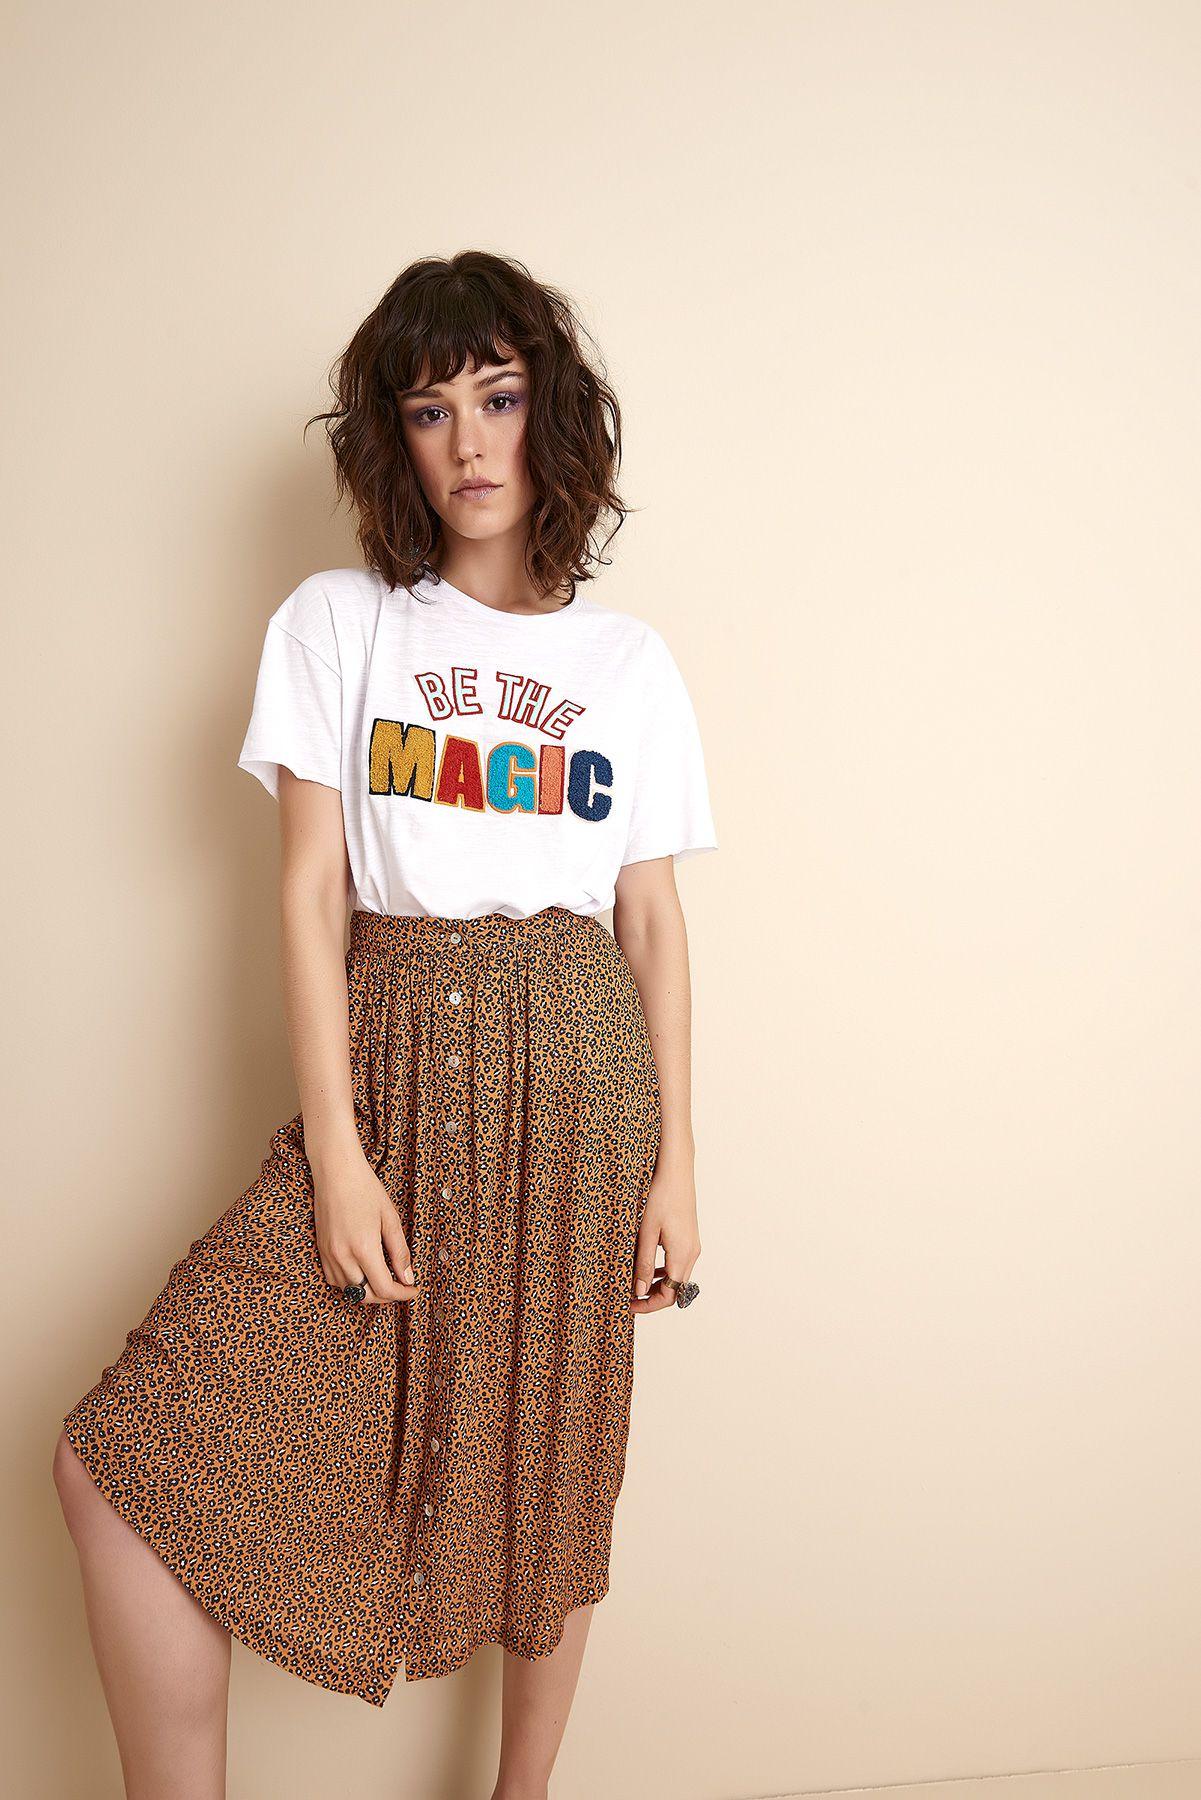 e15c197cc Saia de tecido fino + t-shirt divertida. | Style statement ♥♥ in ...